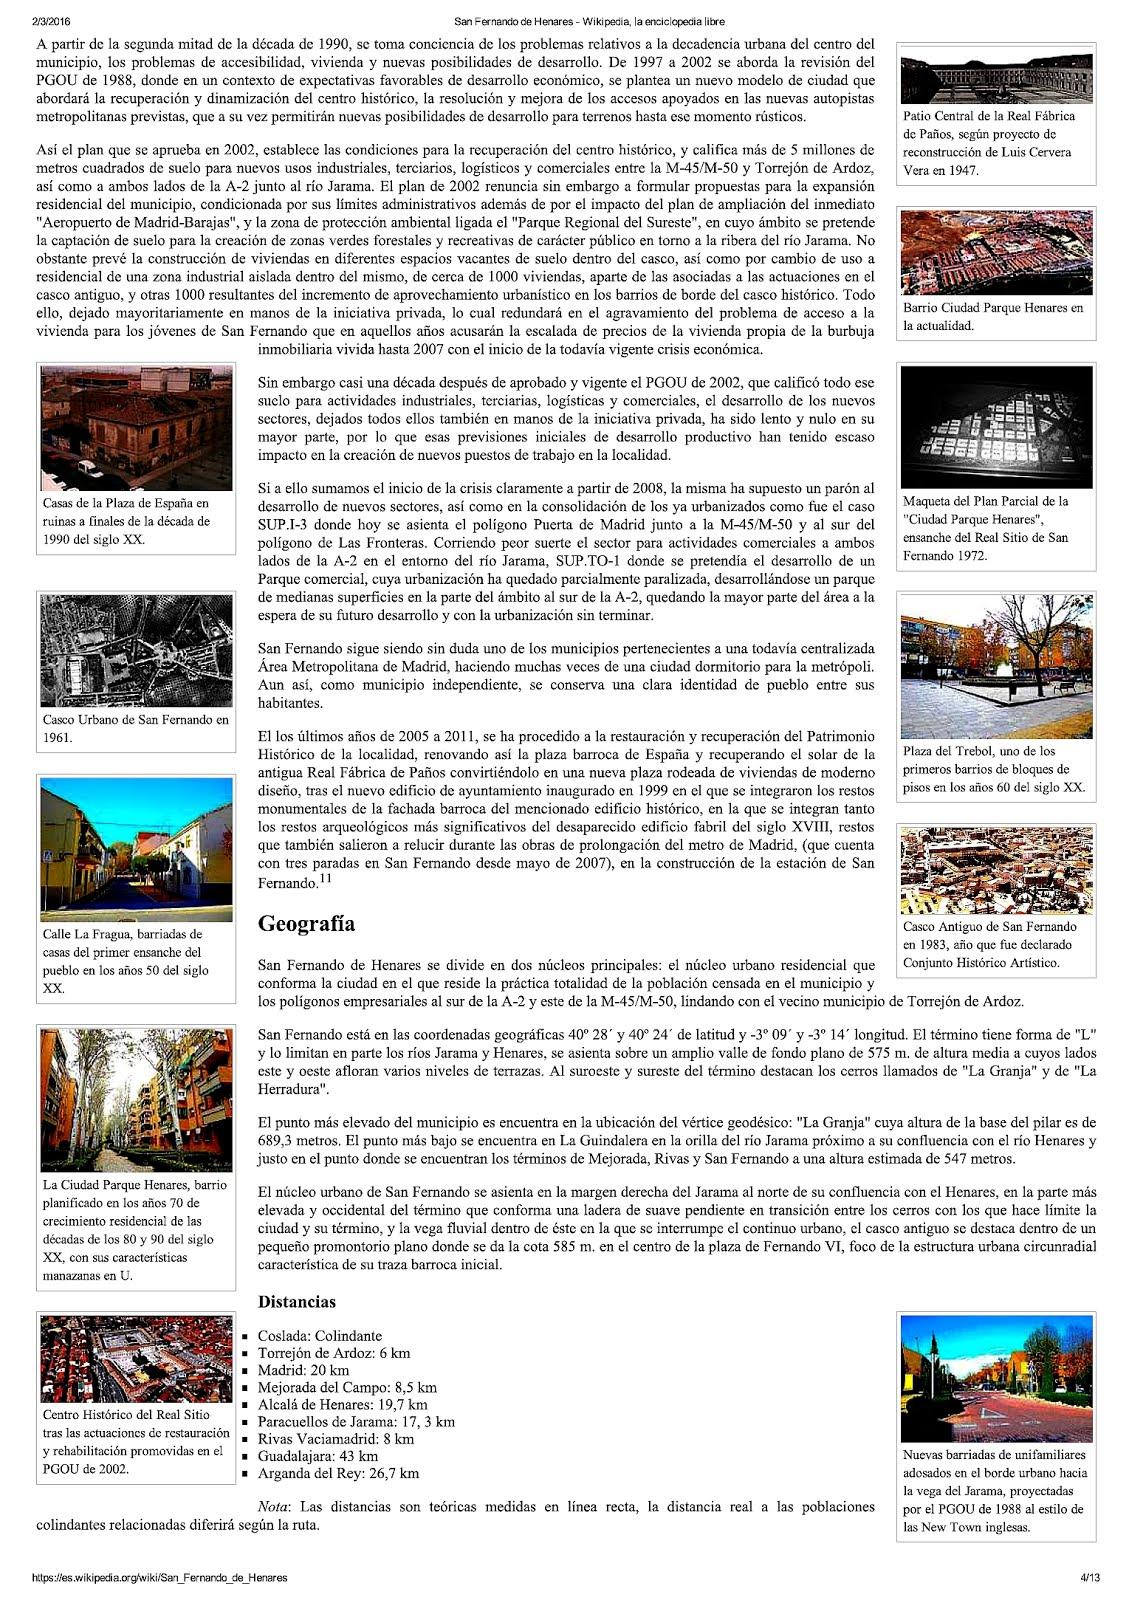 San Fernando en Wikipedia 2016.4